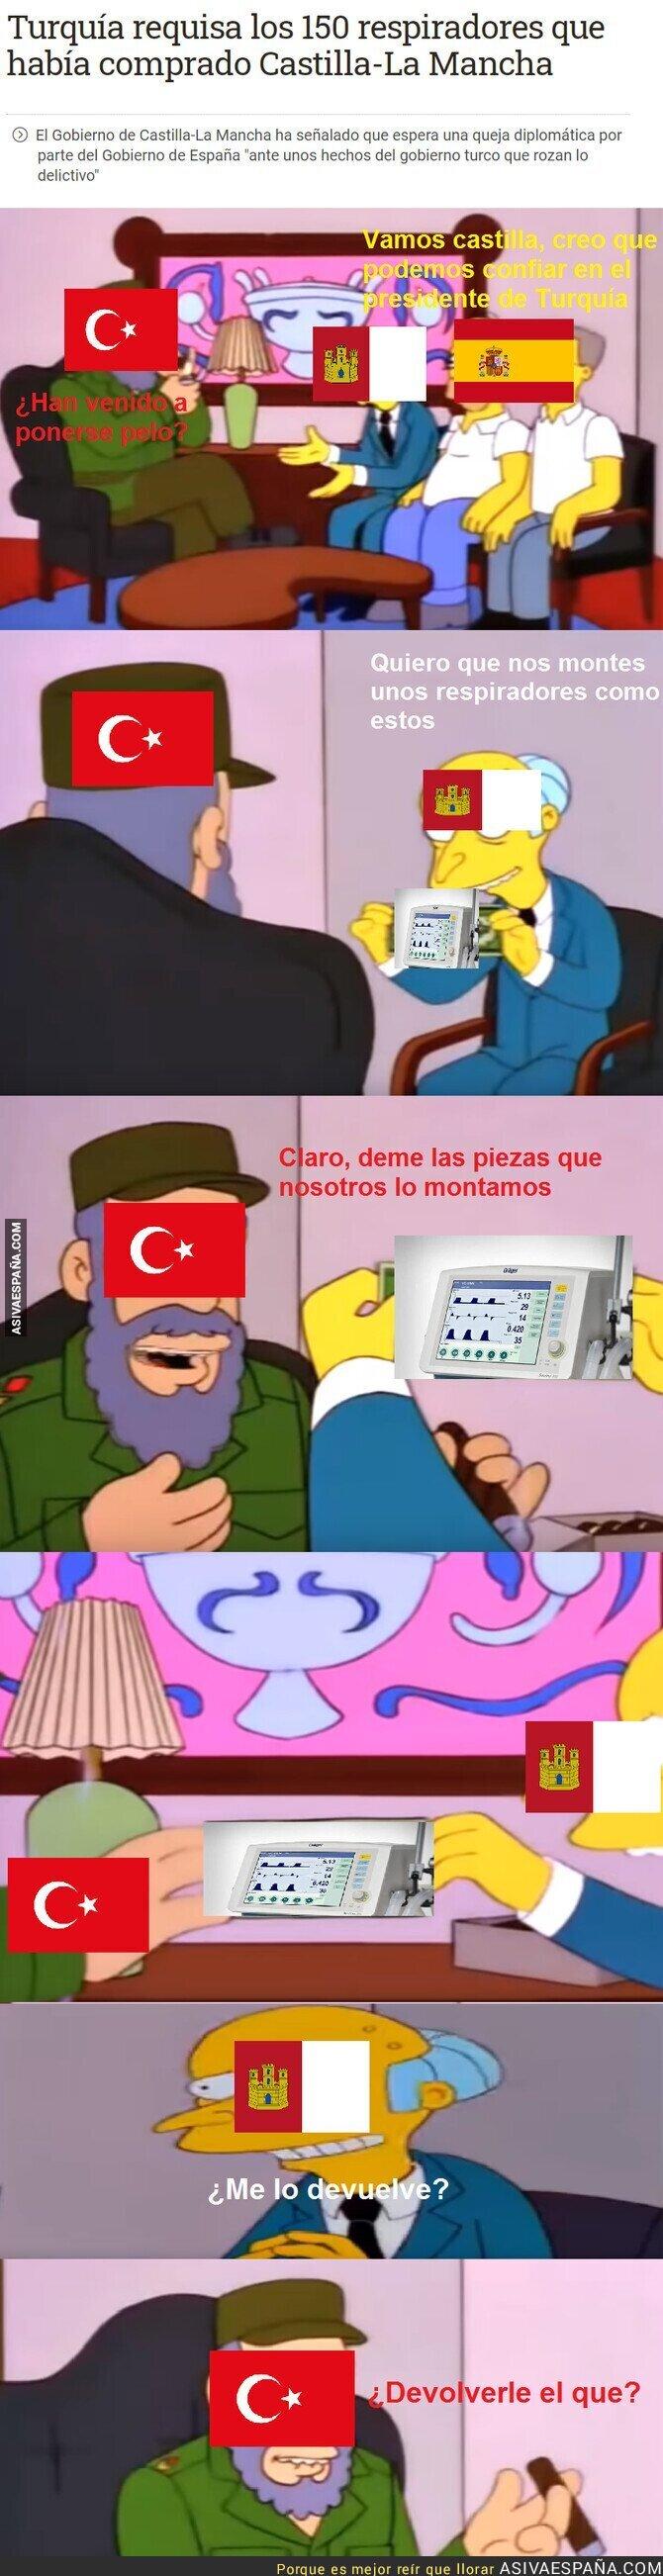 141834 - Vamos señor Burns, creo que podemos confiar en el presidente de Turquía